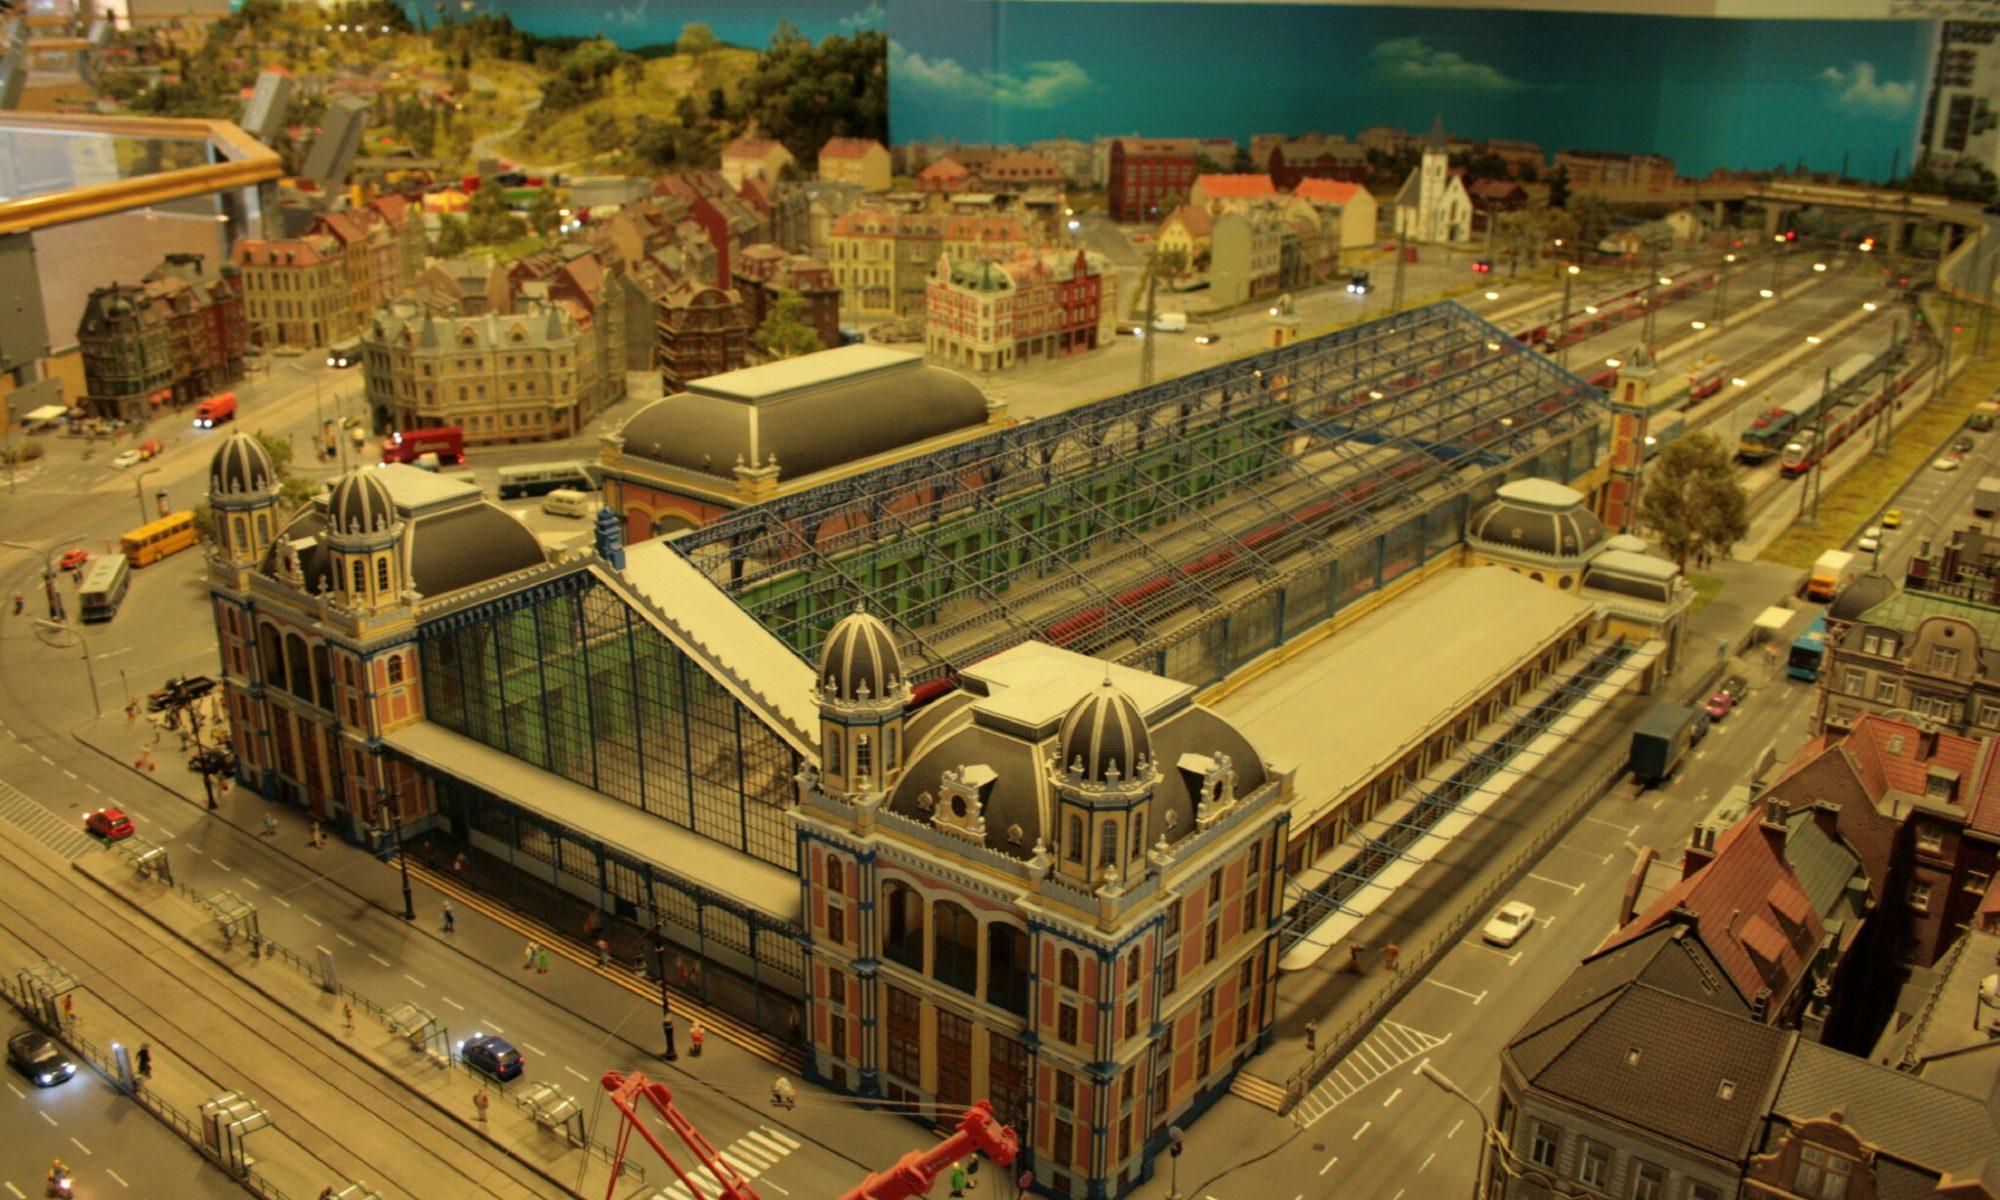 miniversum-budapest_Gare de Budapest